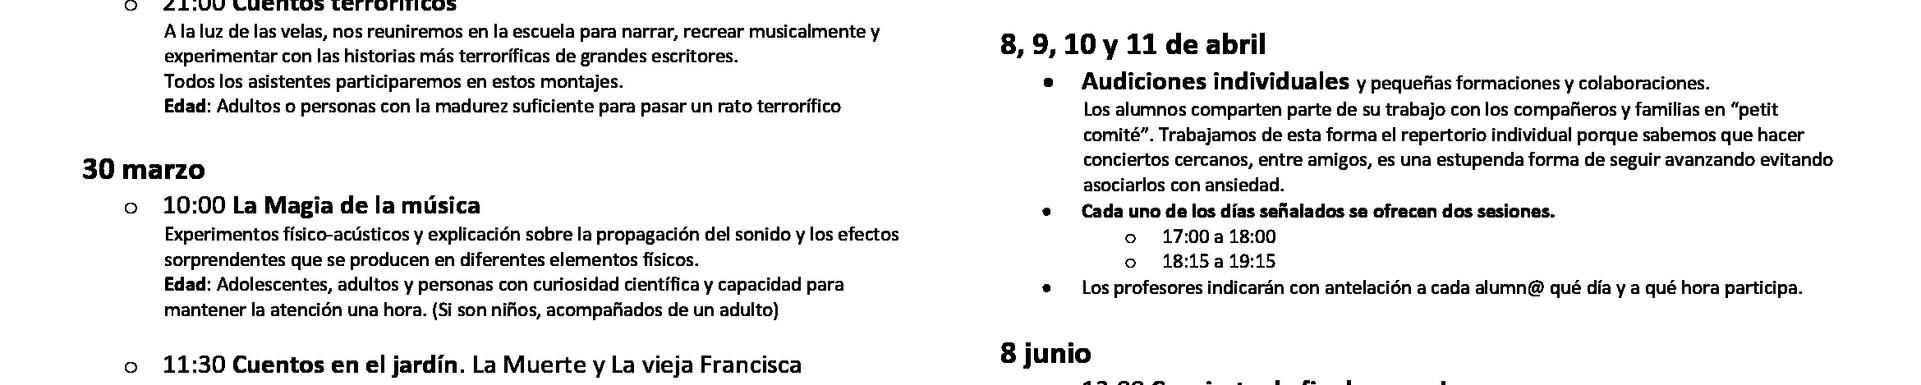 Eventos Escuela de Música Collado MedianoUna escuela de cuento.jpg